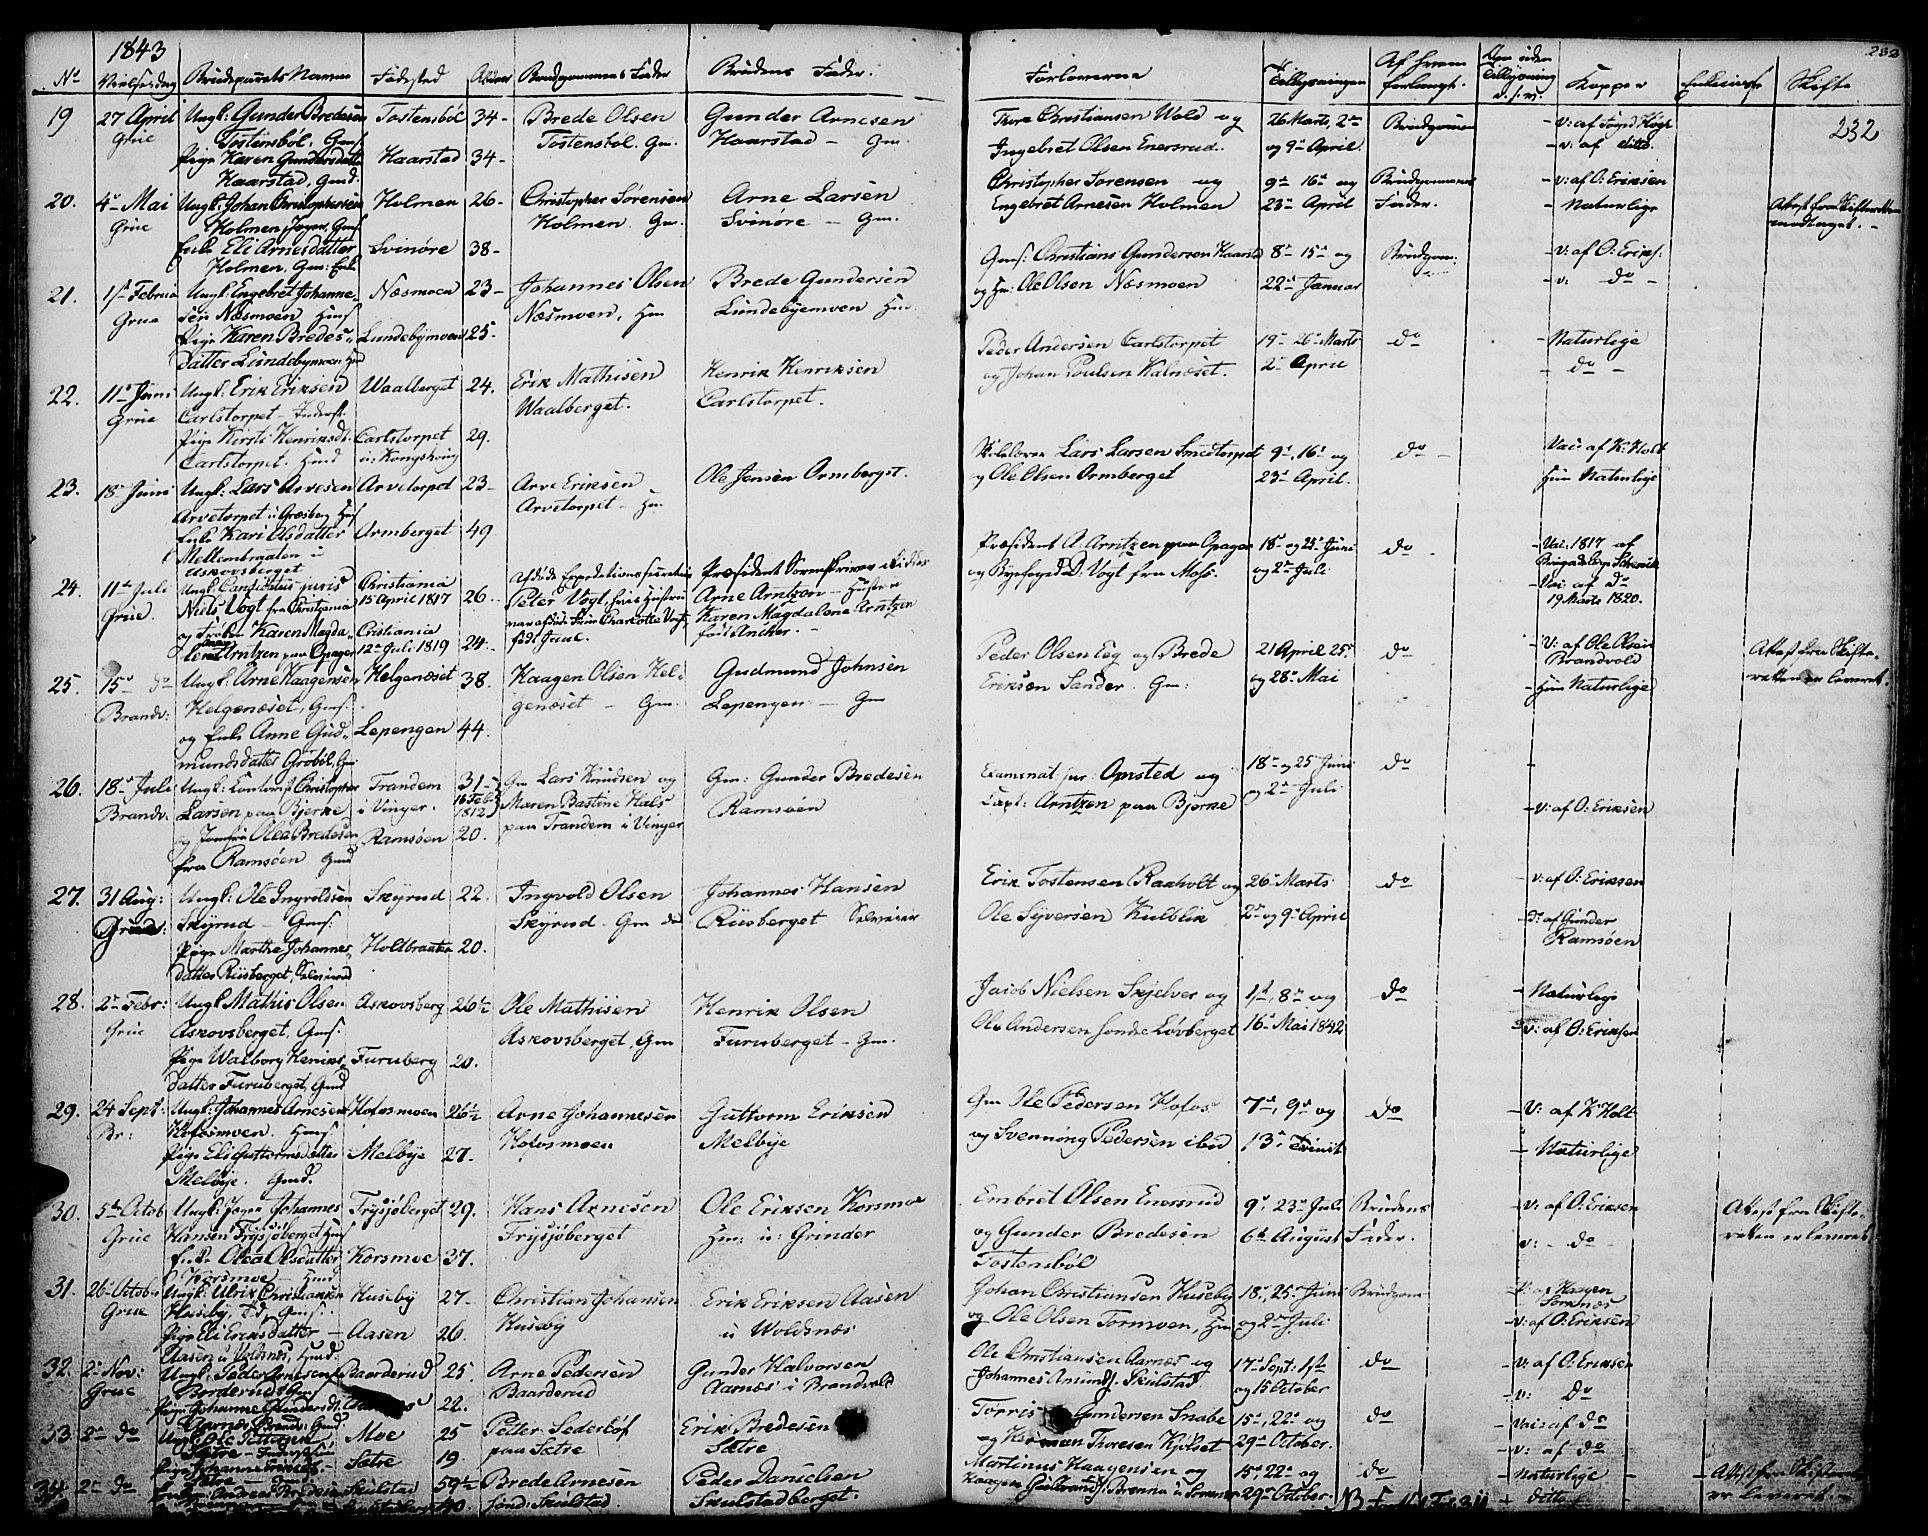 SAH, Grue prestekontor, Parish register (official) no. 7, 1830-1847, p. 232